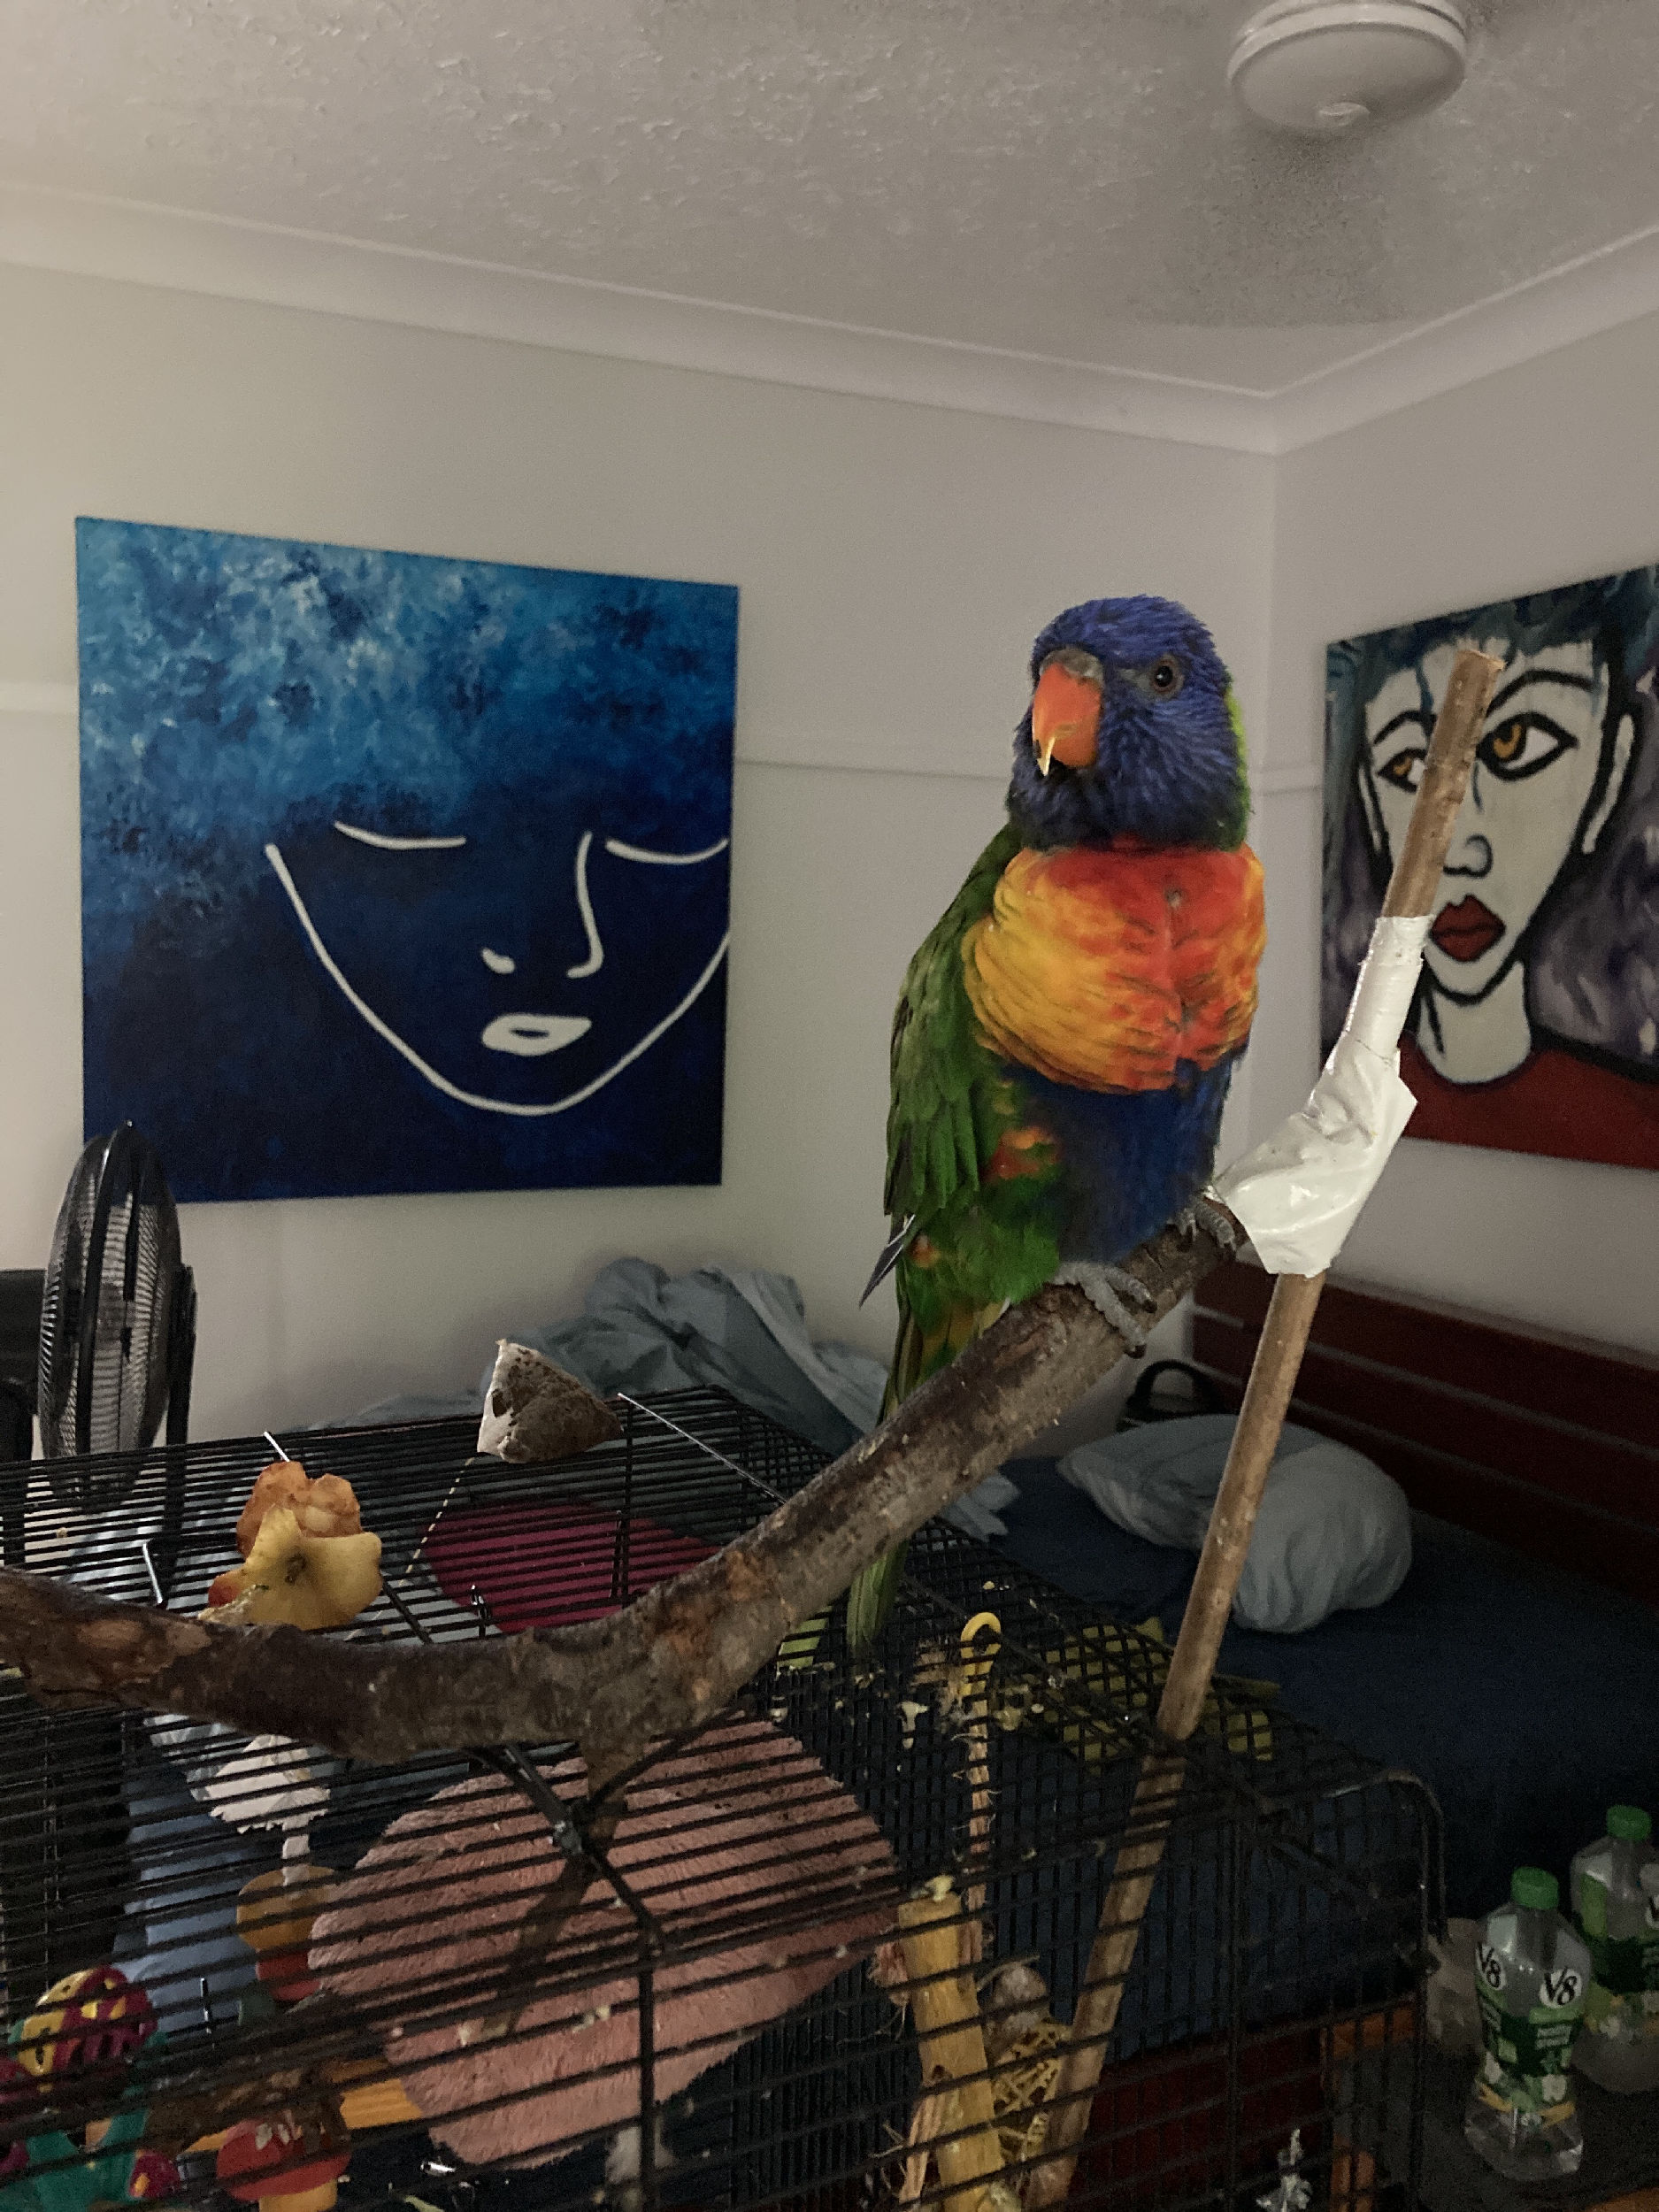 Zoe's perch